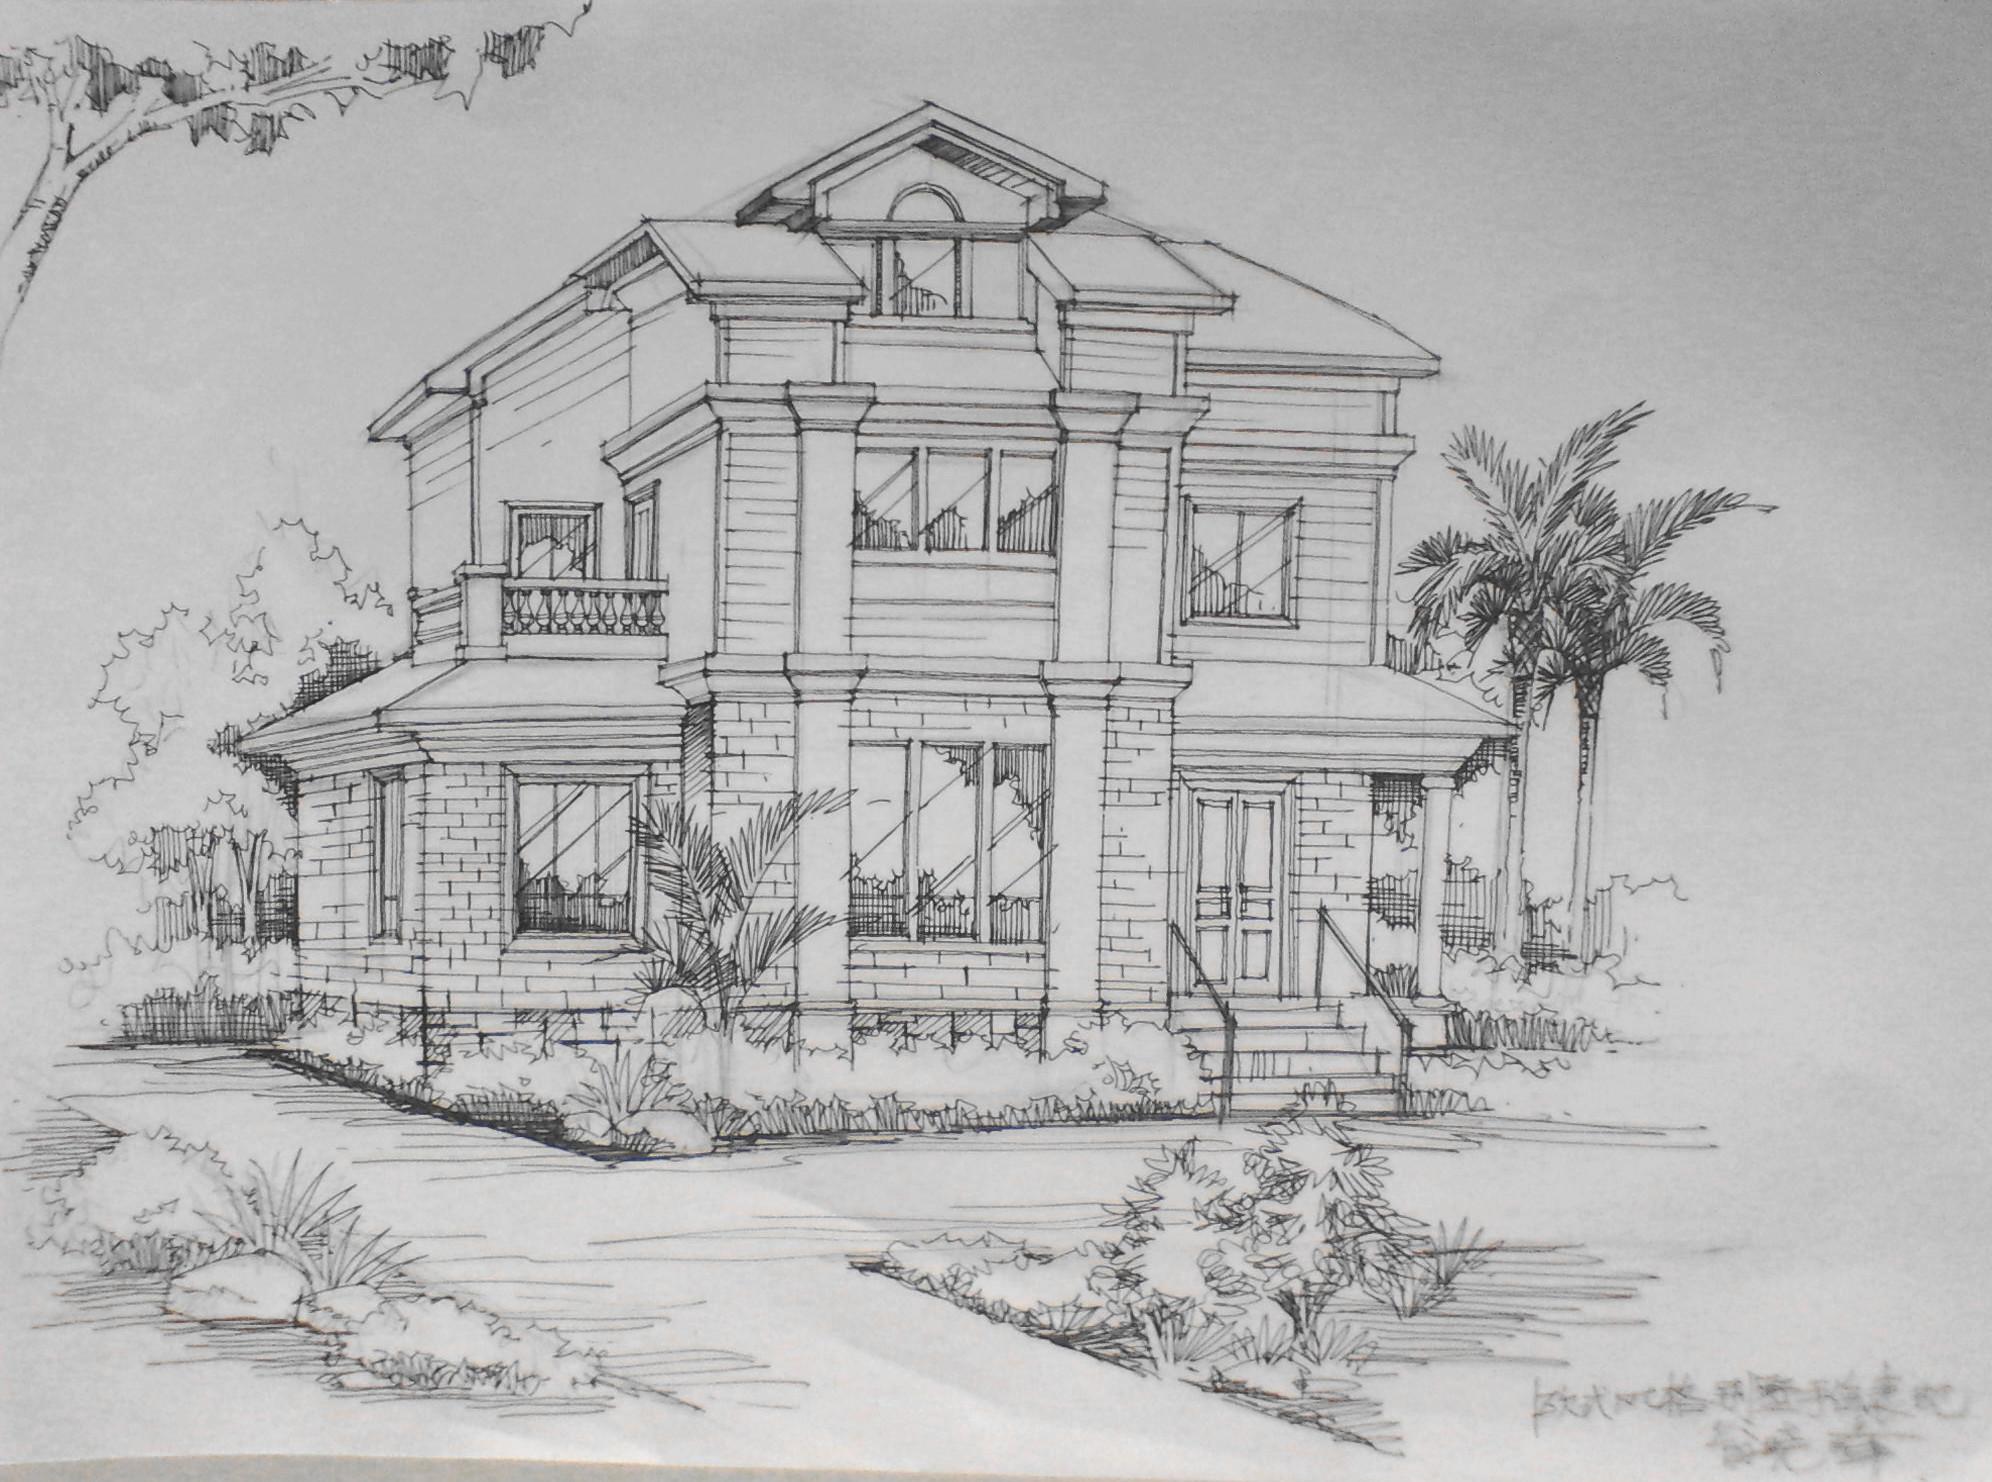 欧式别墅外观手绘效果图|空间|建筑设计|翁小峰